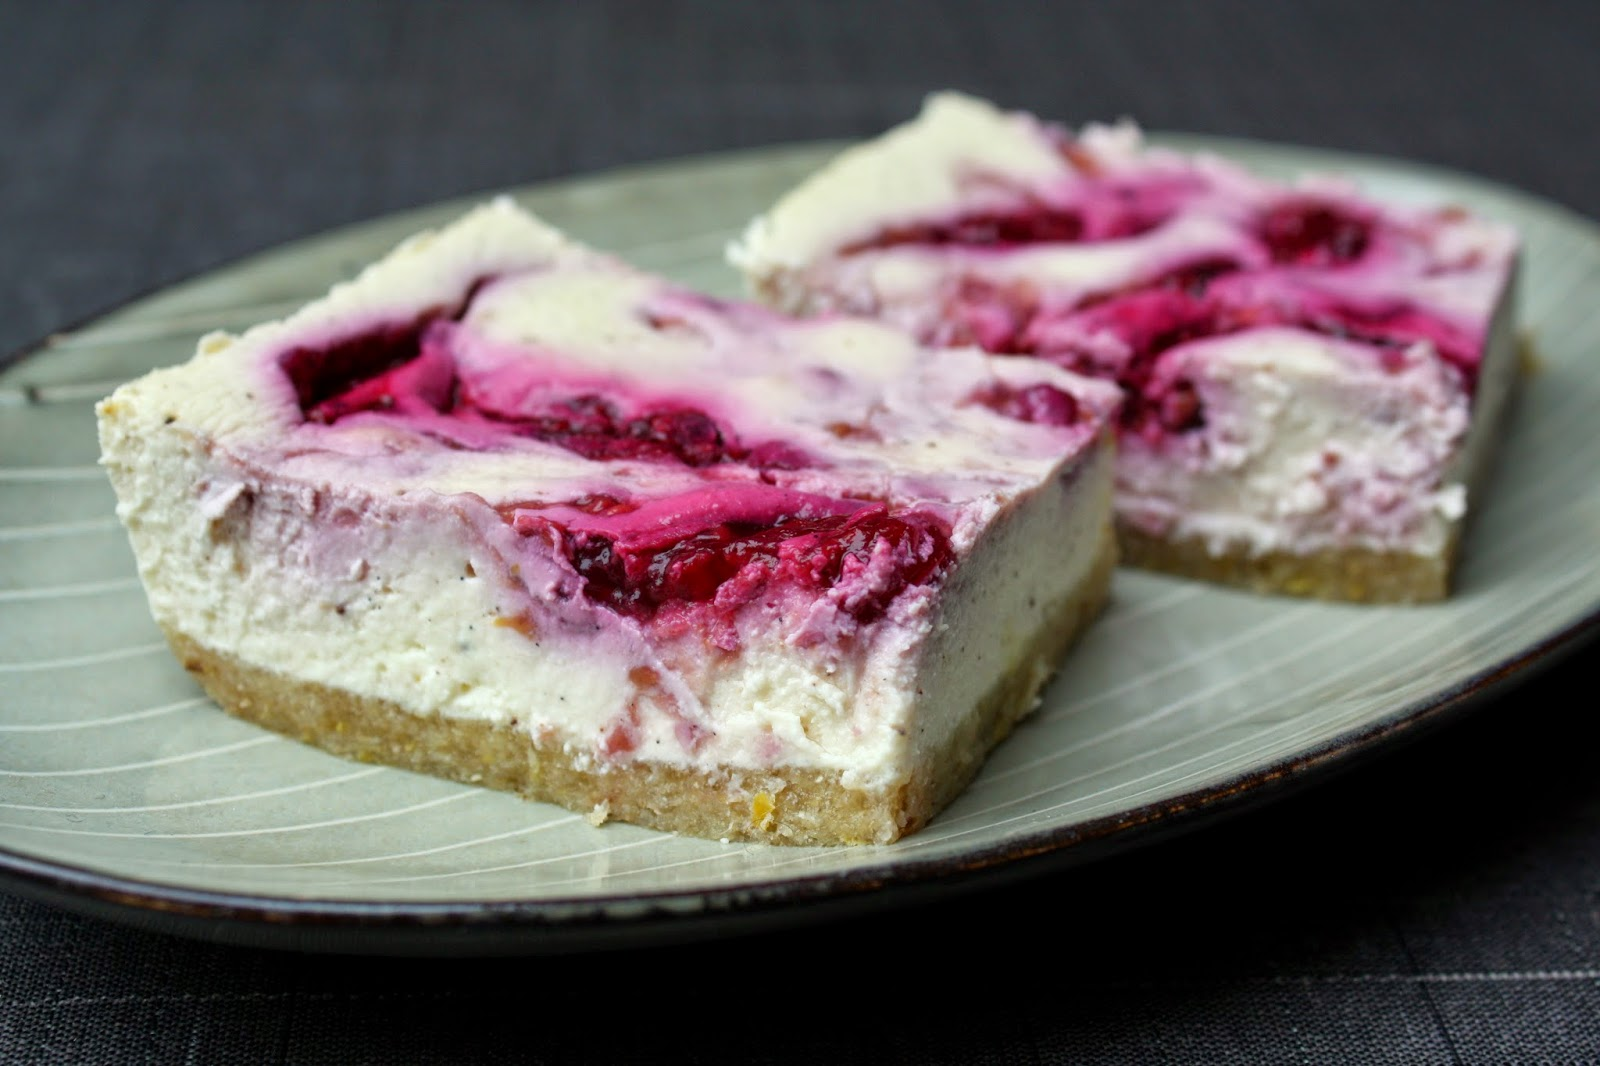 Madlaboratoriet: Sund ricotta-cheesecake med æble-ingefærbund og hindbærswirl